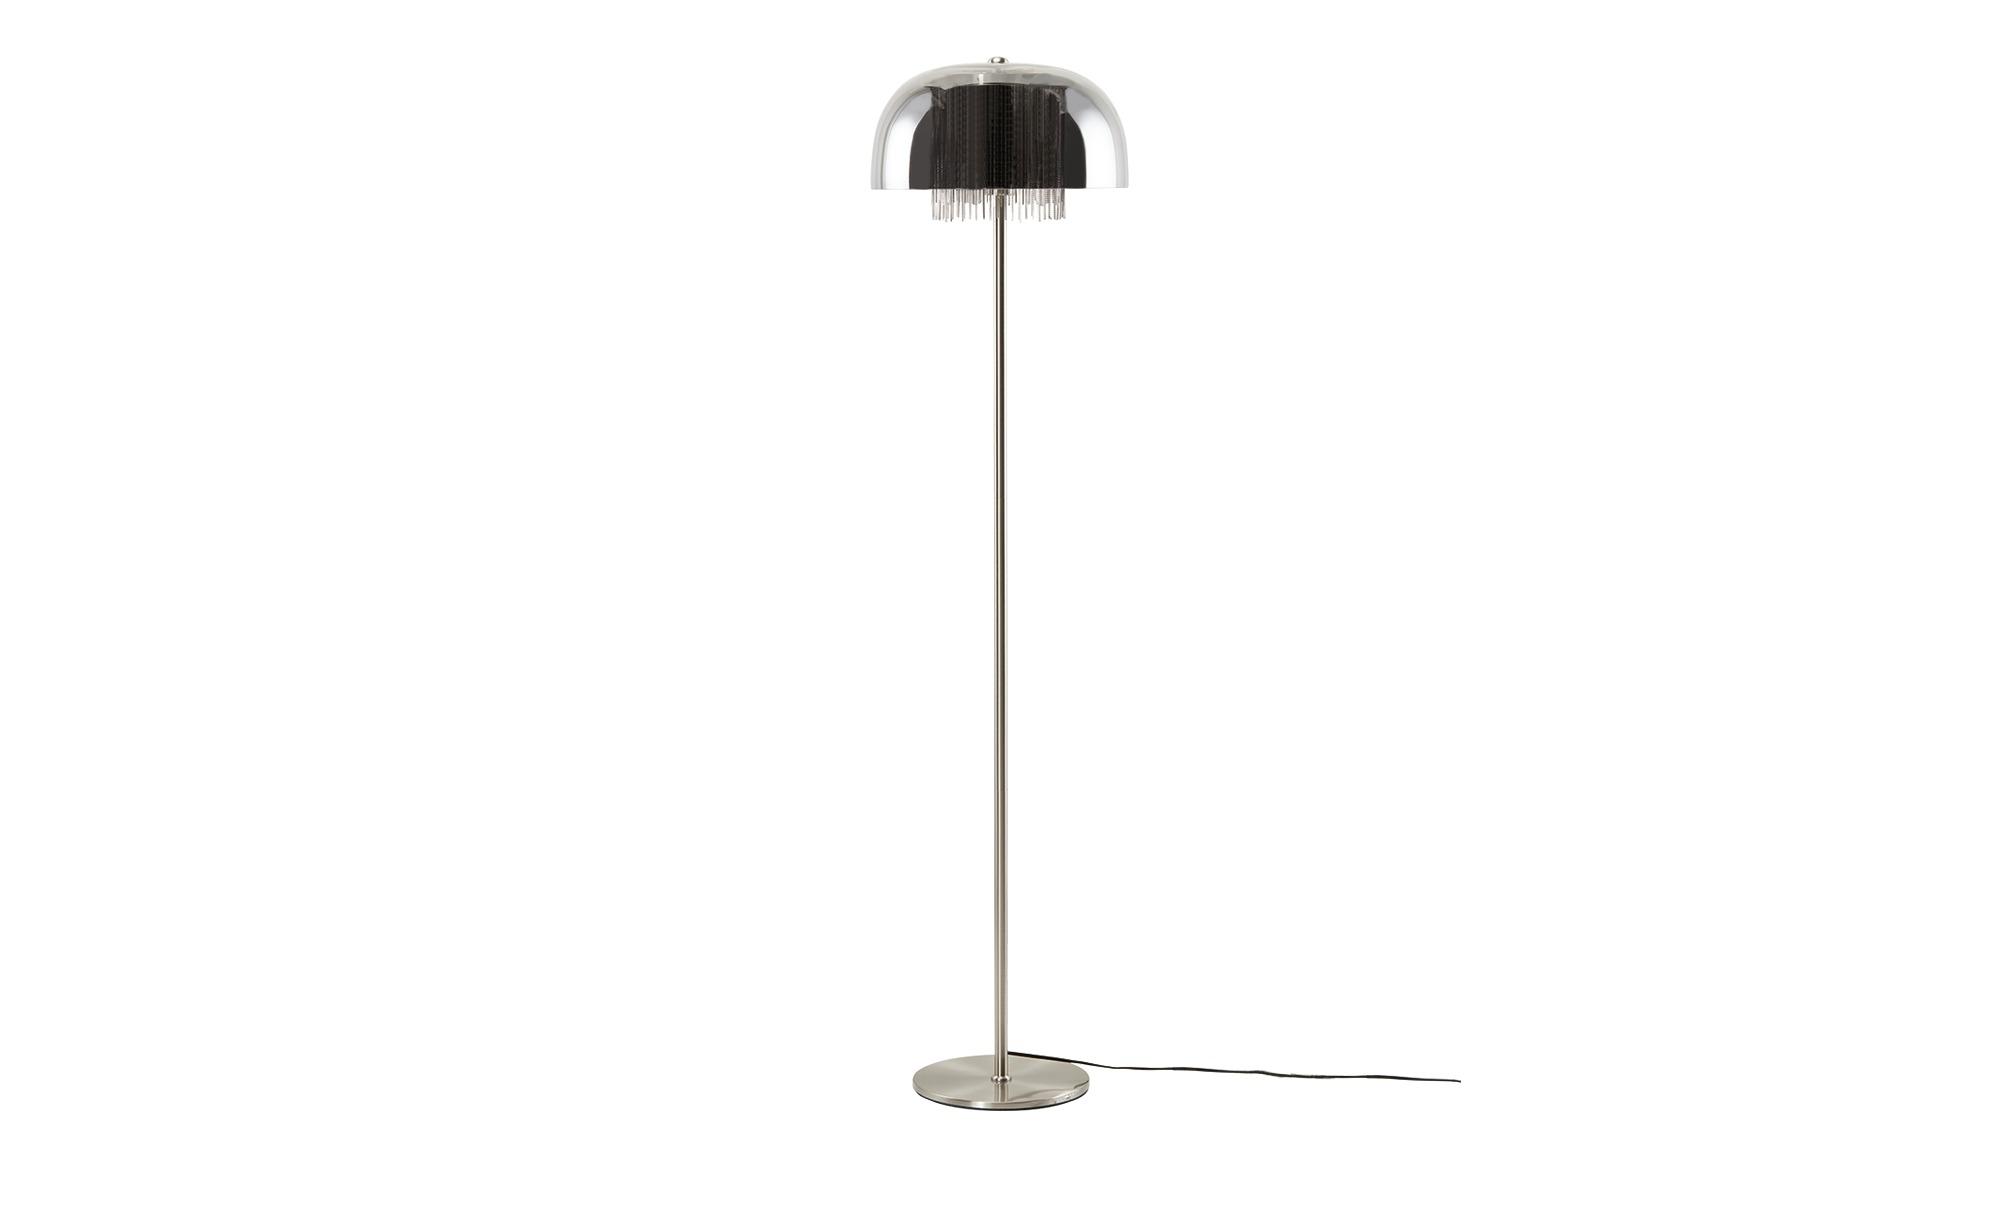 Stehleuchte, 1-flammig, Rauchglas mit Behang ¦ silber ¦ Maße (cm): H: 146 Ø: 37 Lampen & Leuchten > Innenleuchten > Stehlampen - Höffner